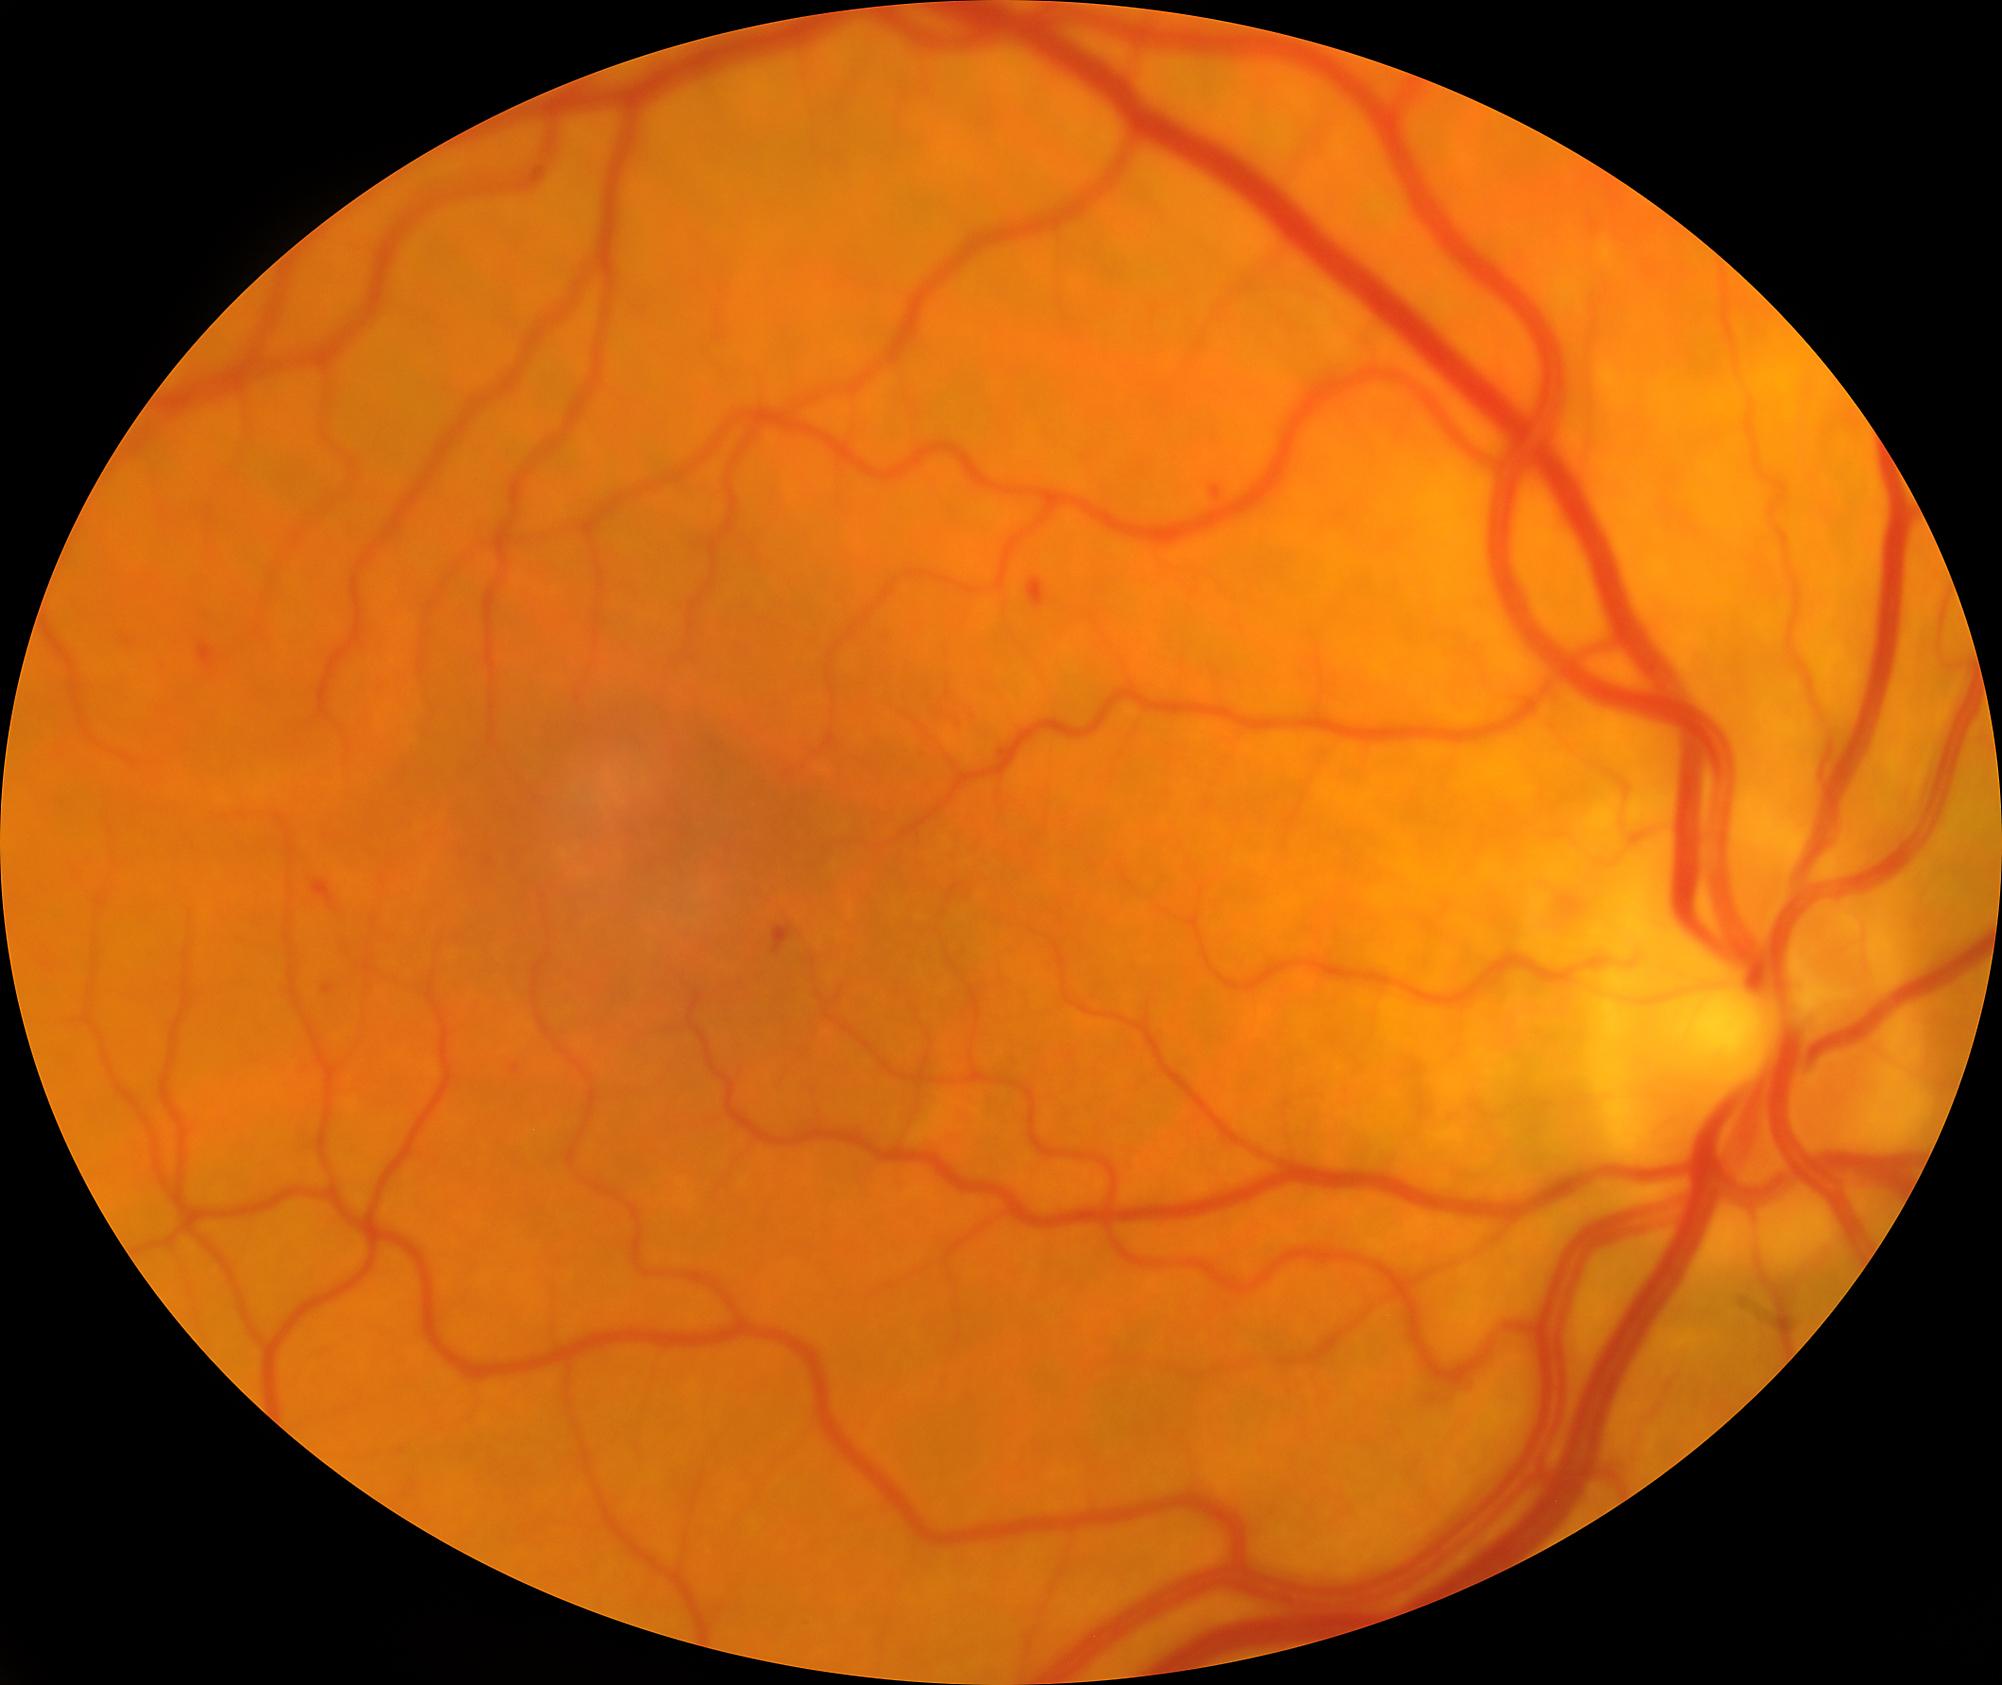 Fondo de un ojo con retinopatía diabética